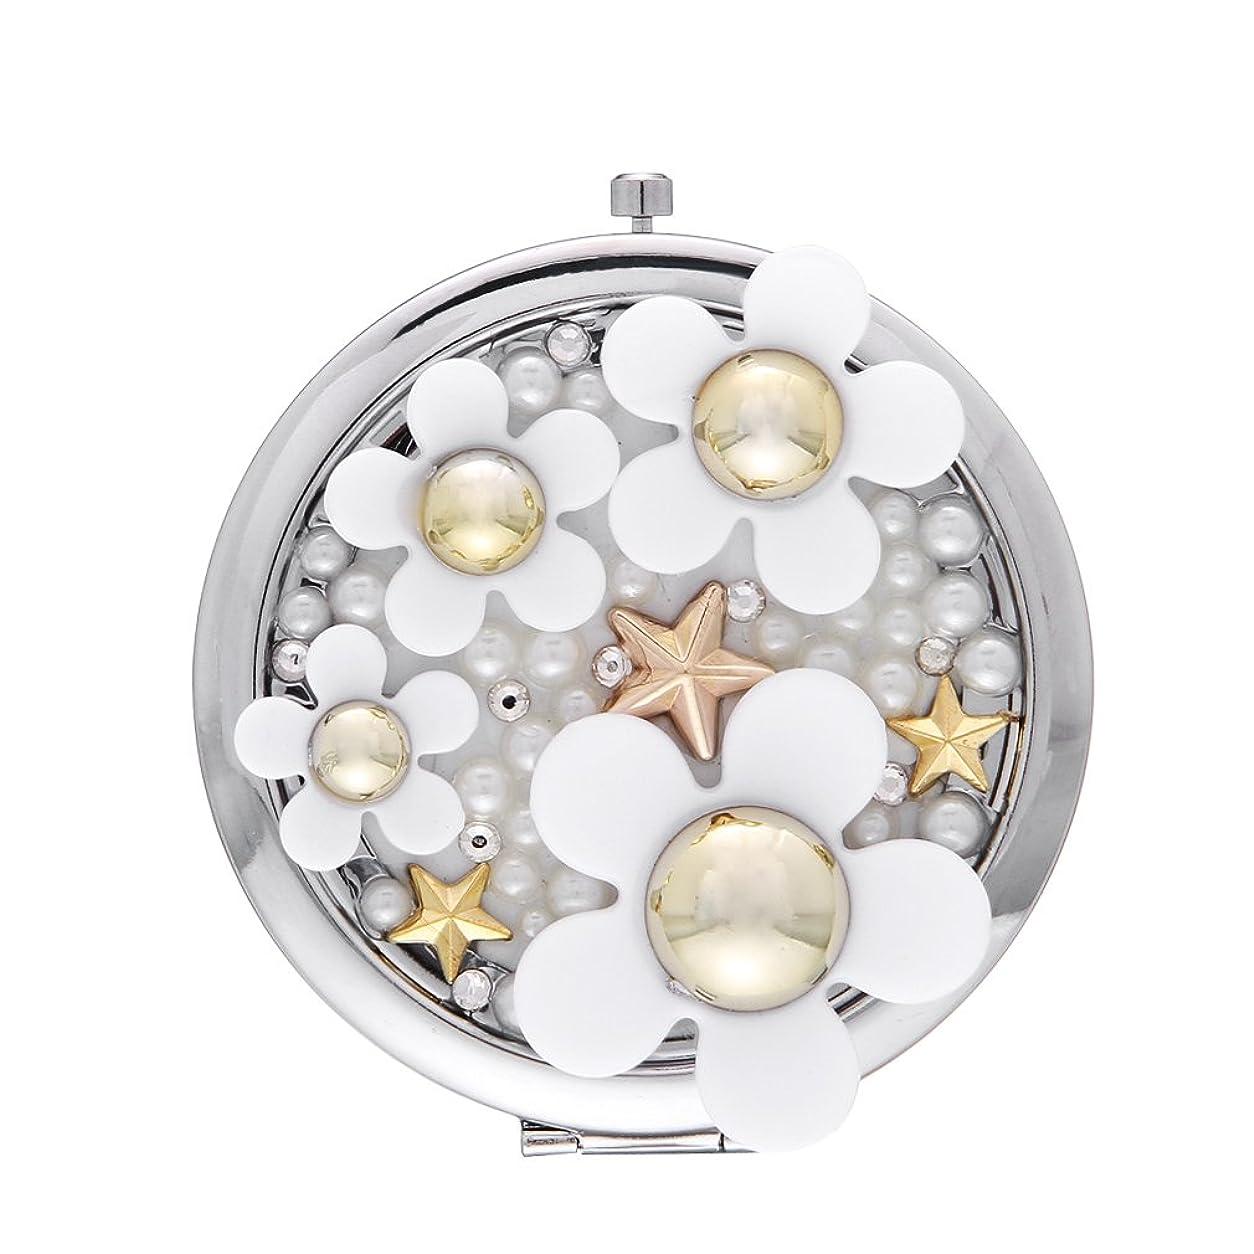 シンポジウム仮定ケーキEOZY オシャレで可愛いデイジーデザイン手鏡ハンドミラー折りたたみ7*7cmレディースガールズ化粧お出かけ